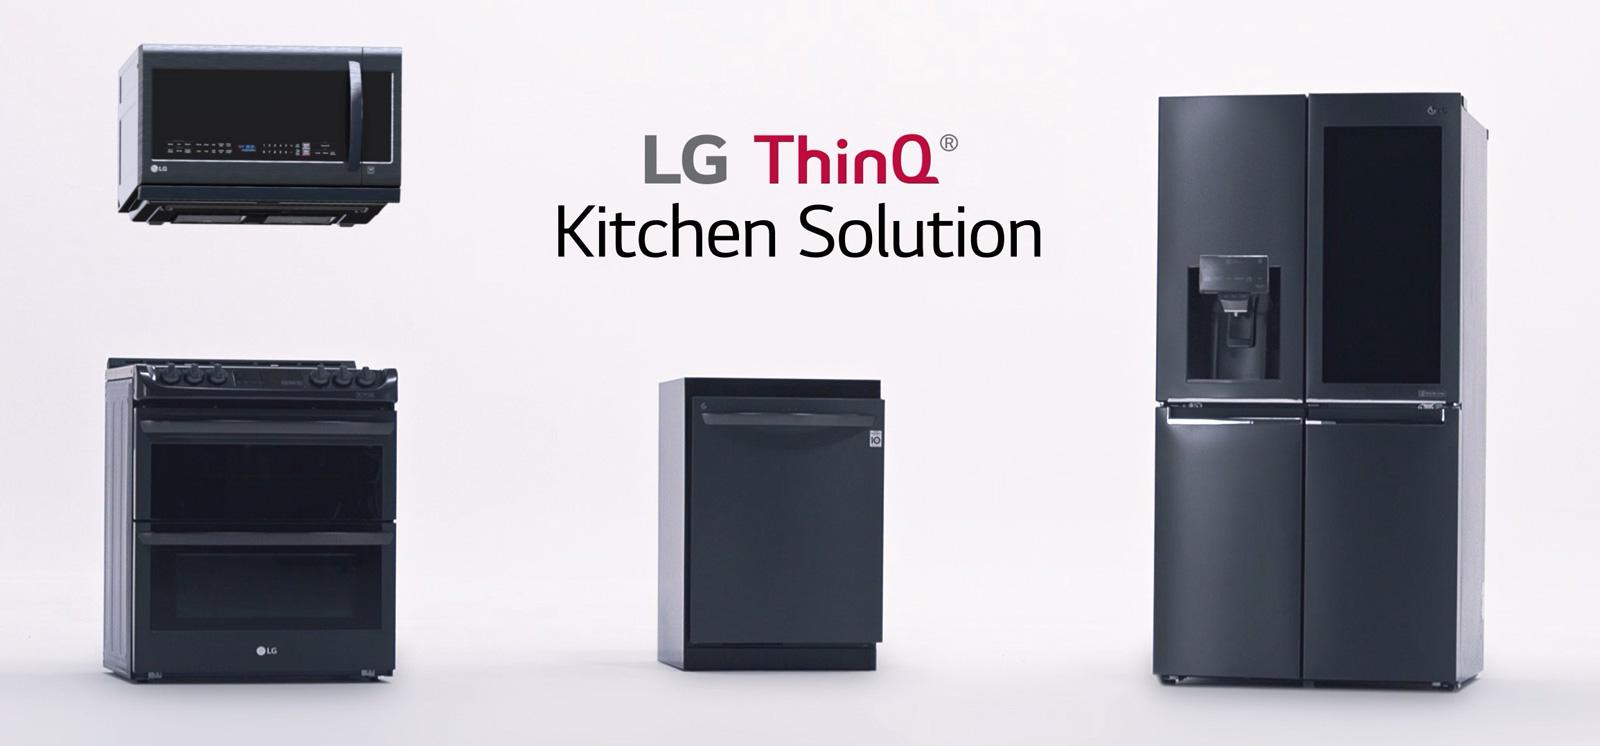 LG ThinQ Kitchen : Alexa connecte votre cuisine, le réfrigérateur envoie des recettes à votre four